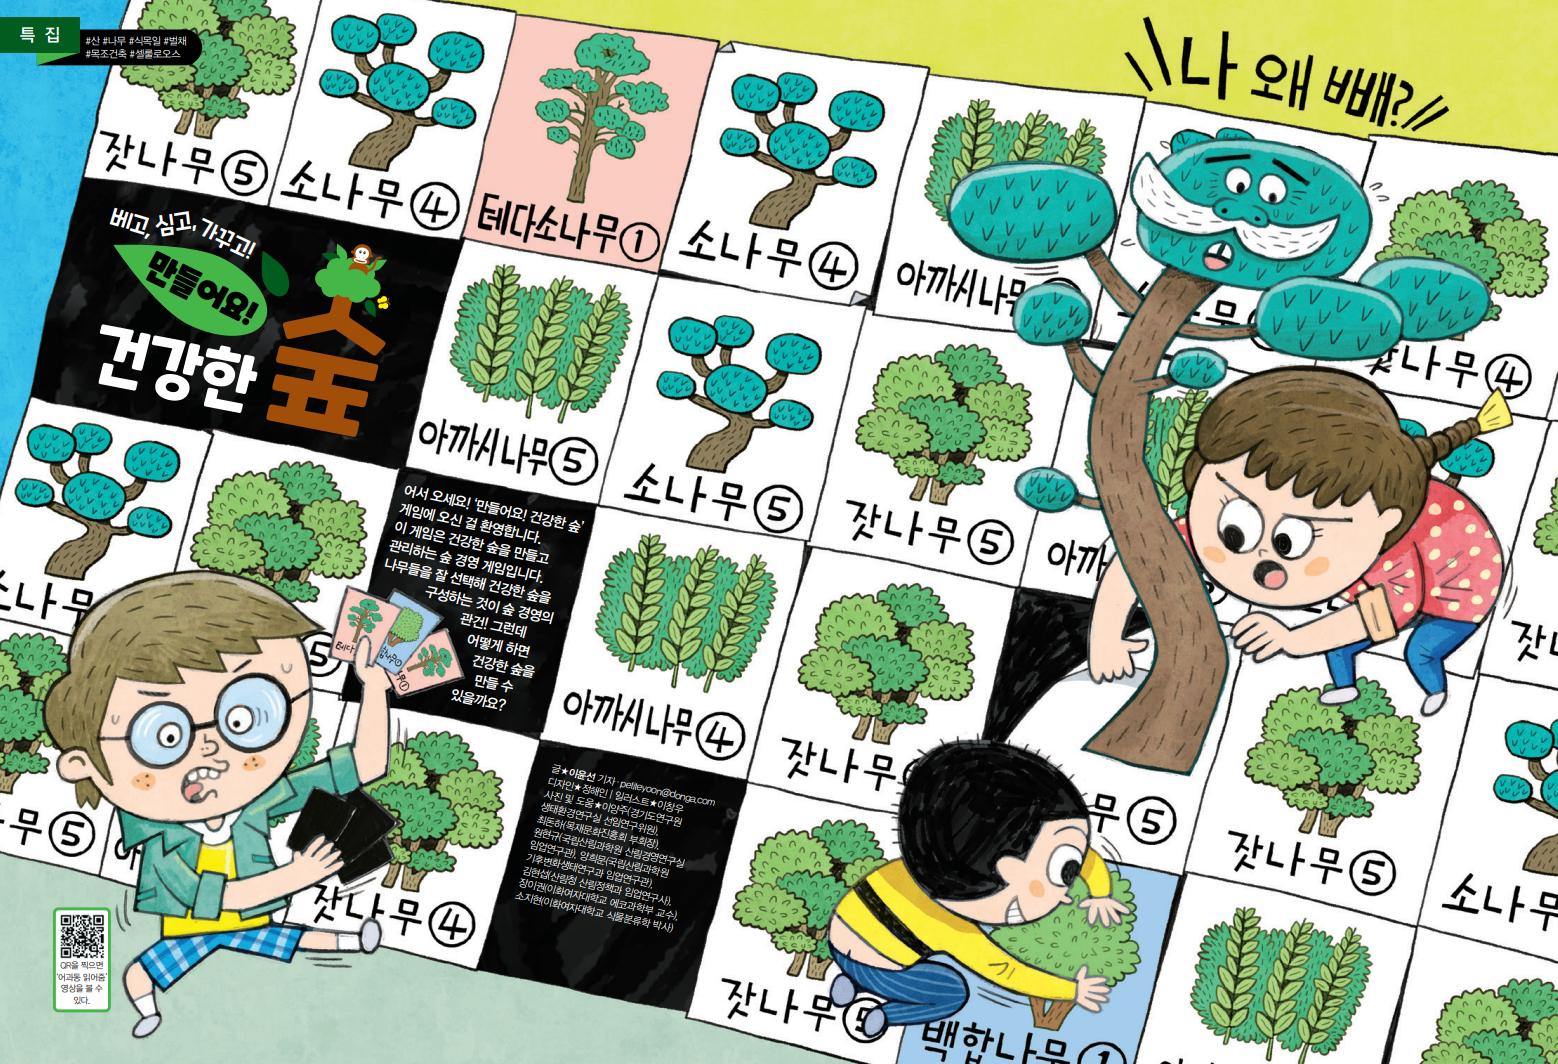 [특집] 베고,심고,가꾸고! 만들어요! 건강한 숲